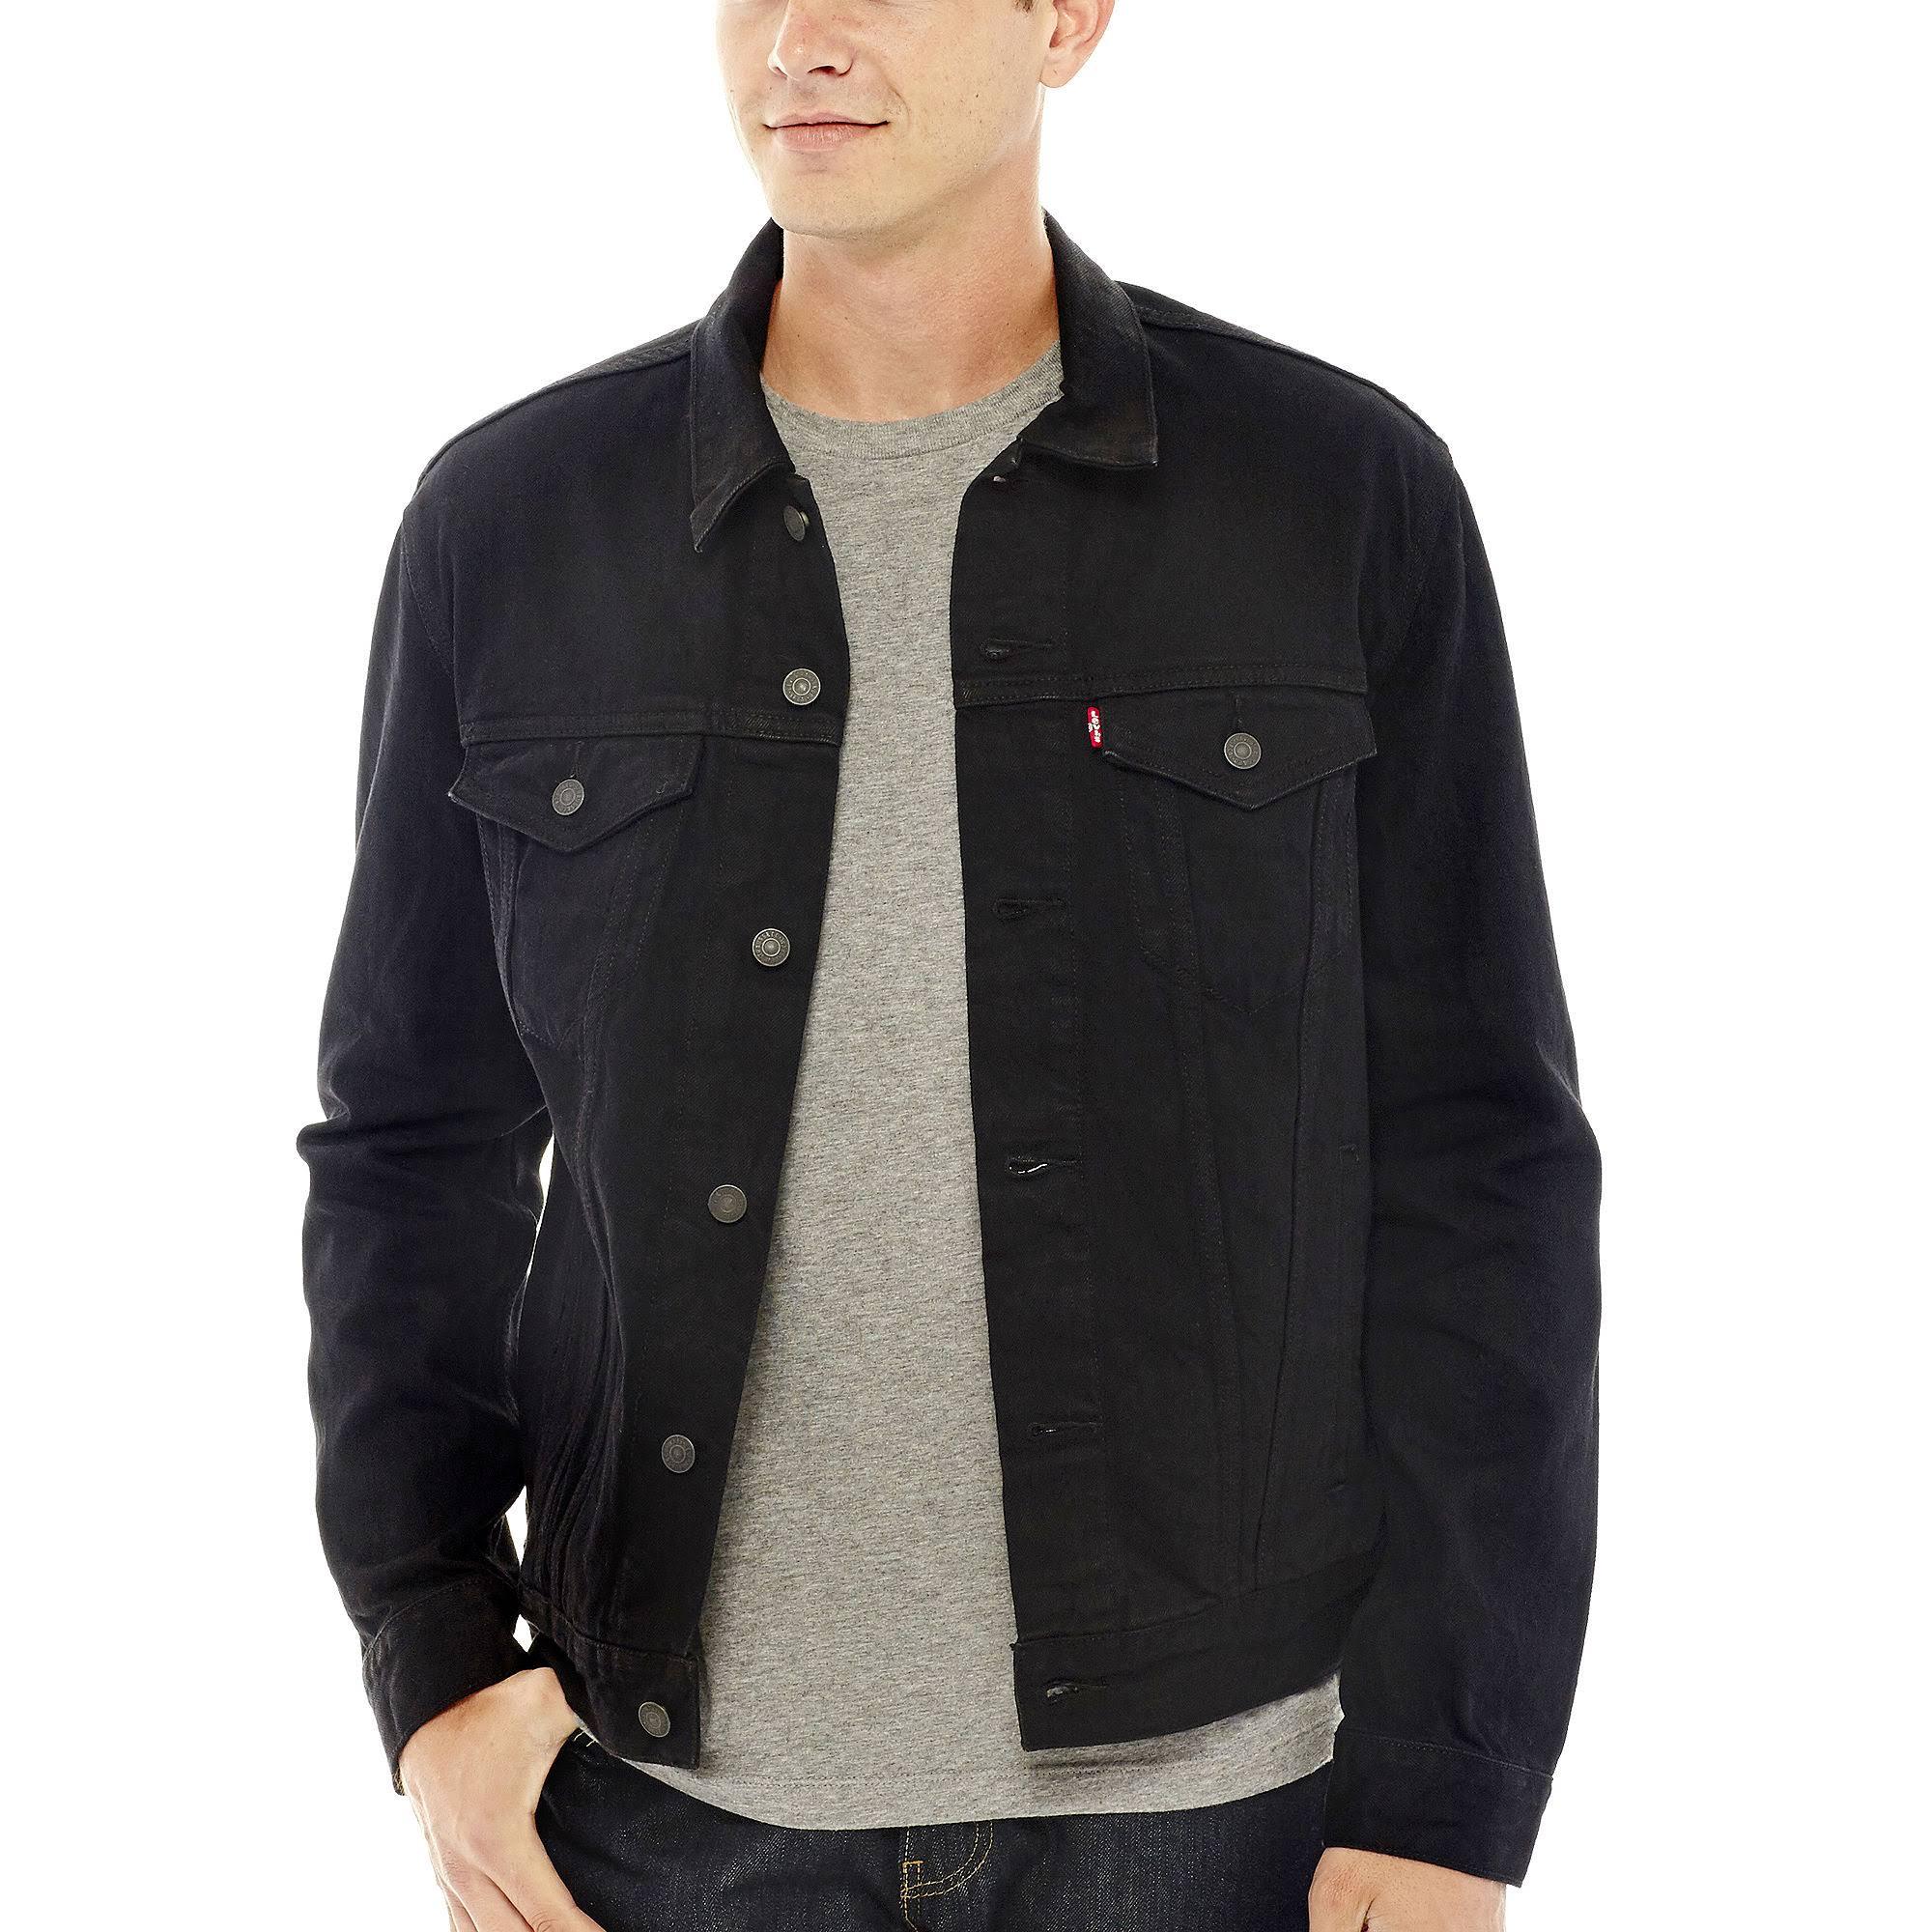 Levi's Jacket Berkman Trucker Herren Xl wwUr5qC